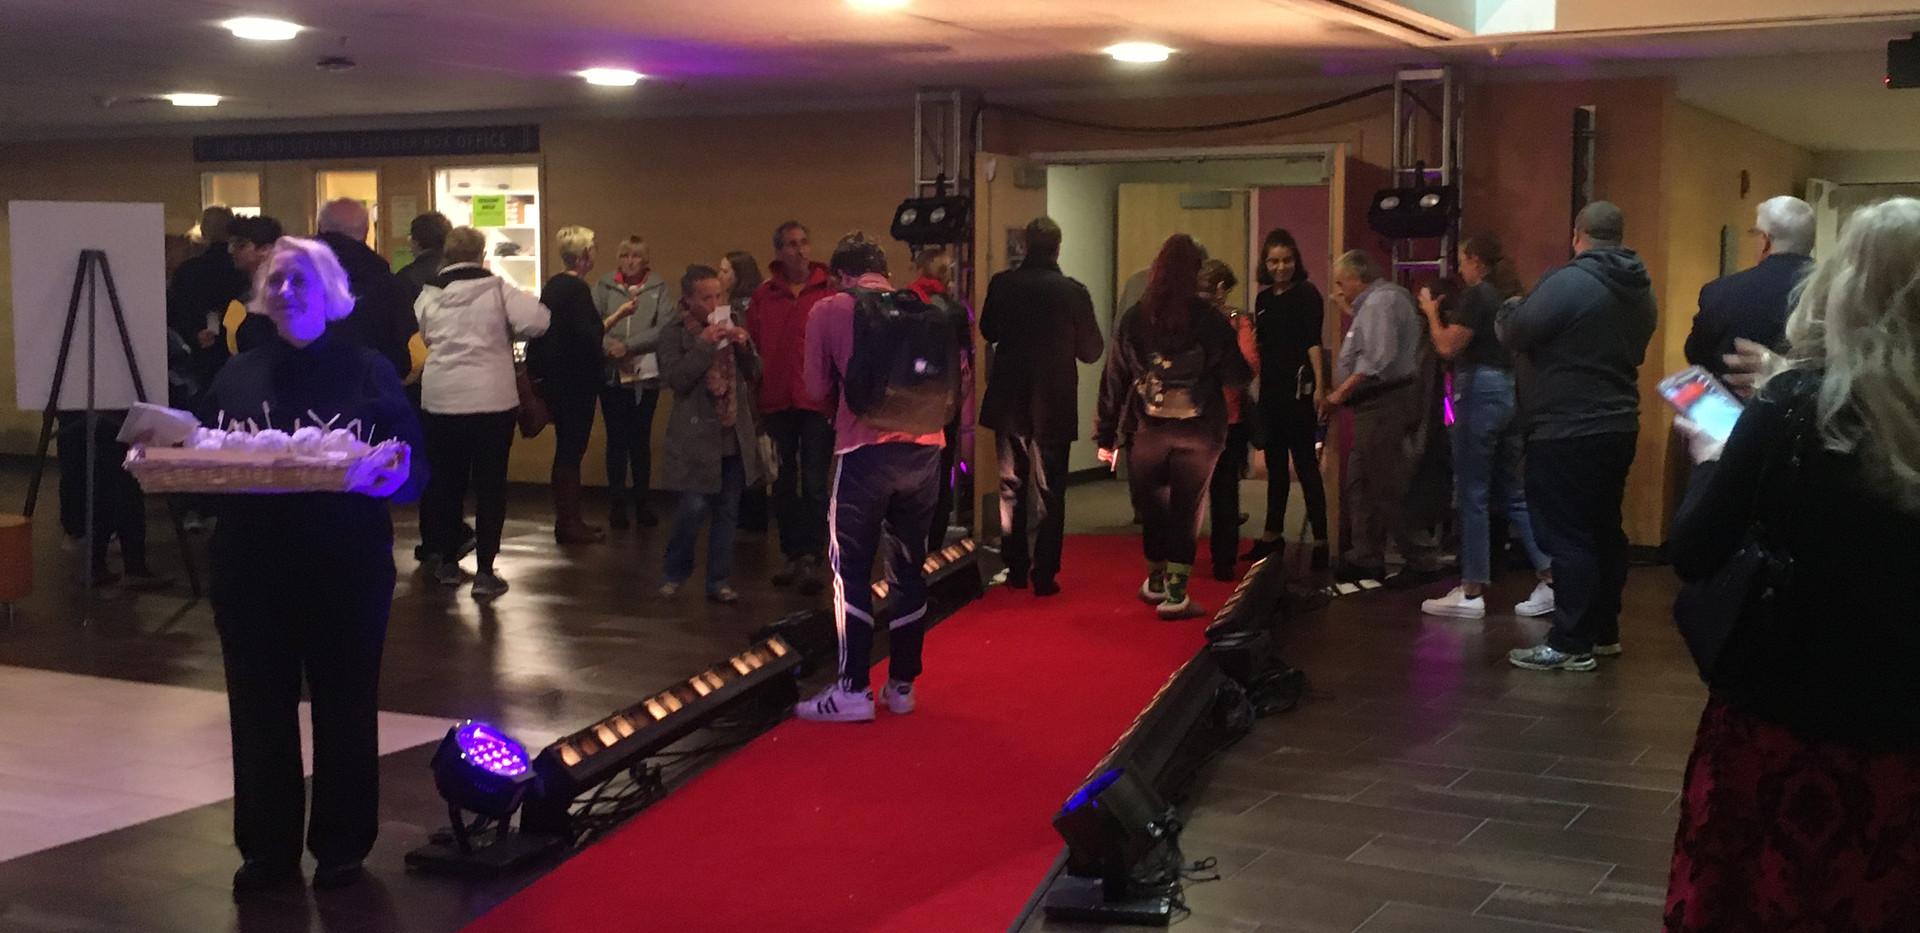 Adelphi University Red Carpet Premier